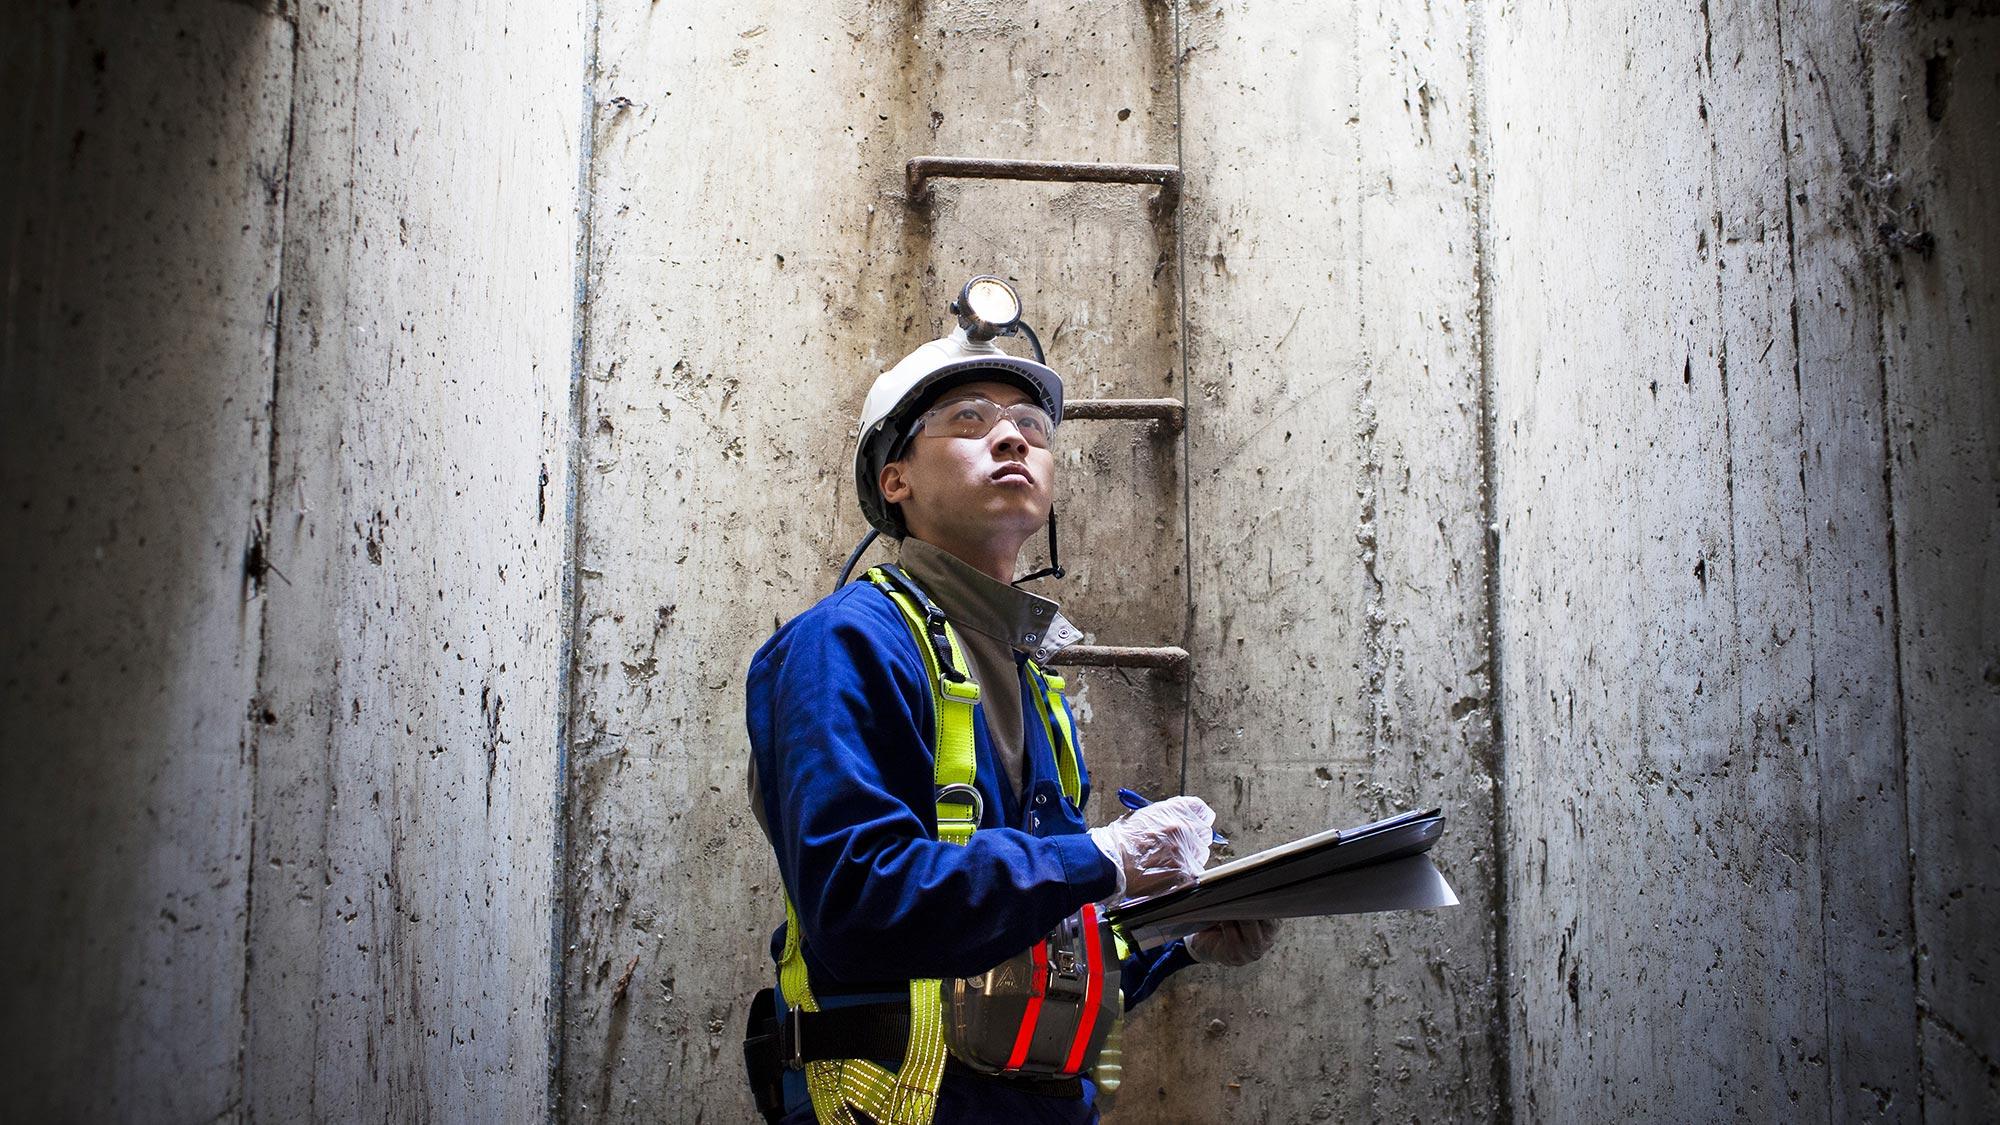 污水处理和雨水网络管理